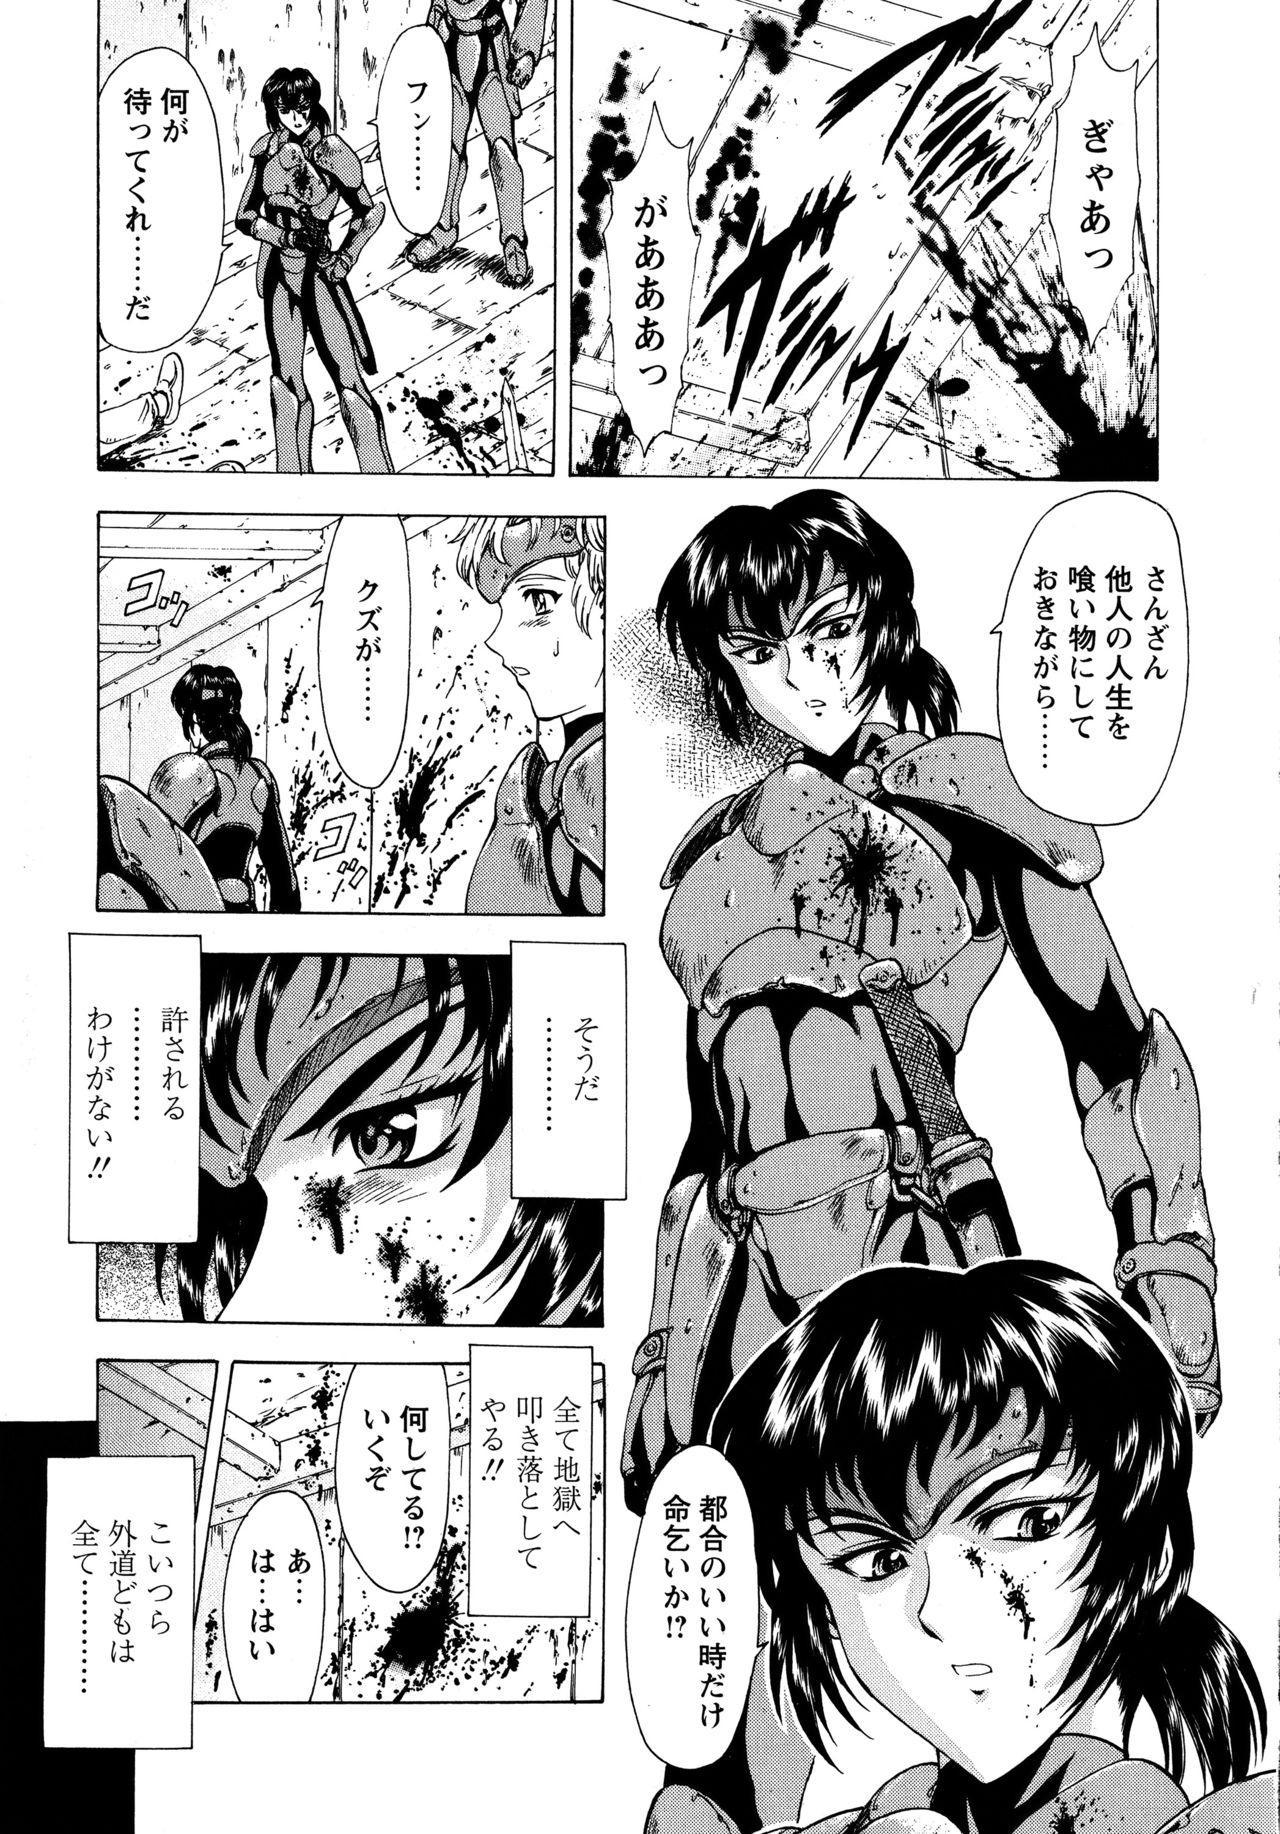 Ginryuu no Reimei Vol. 1 16